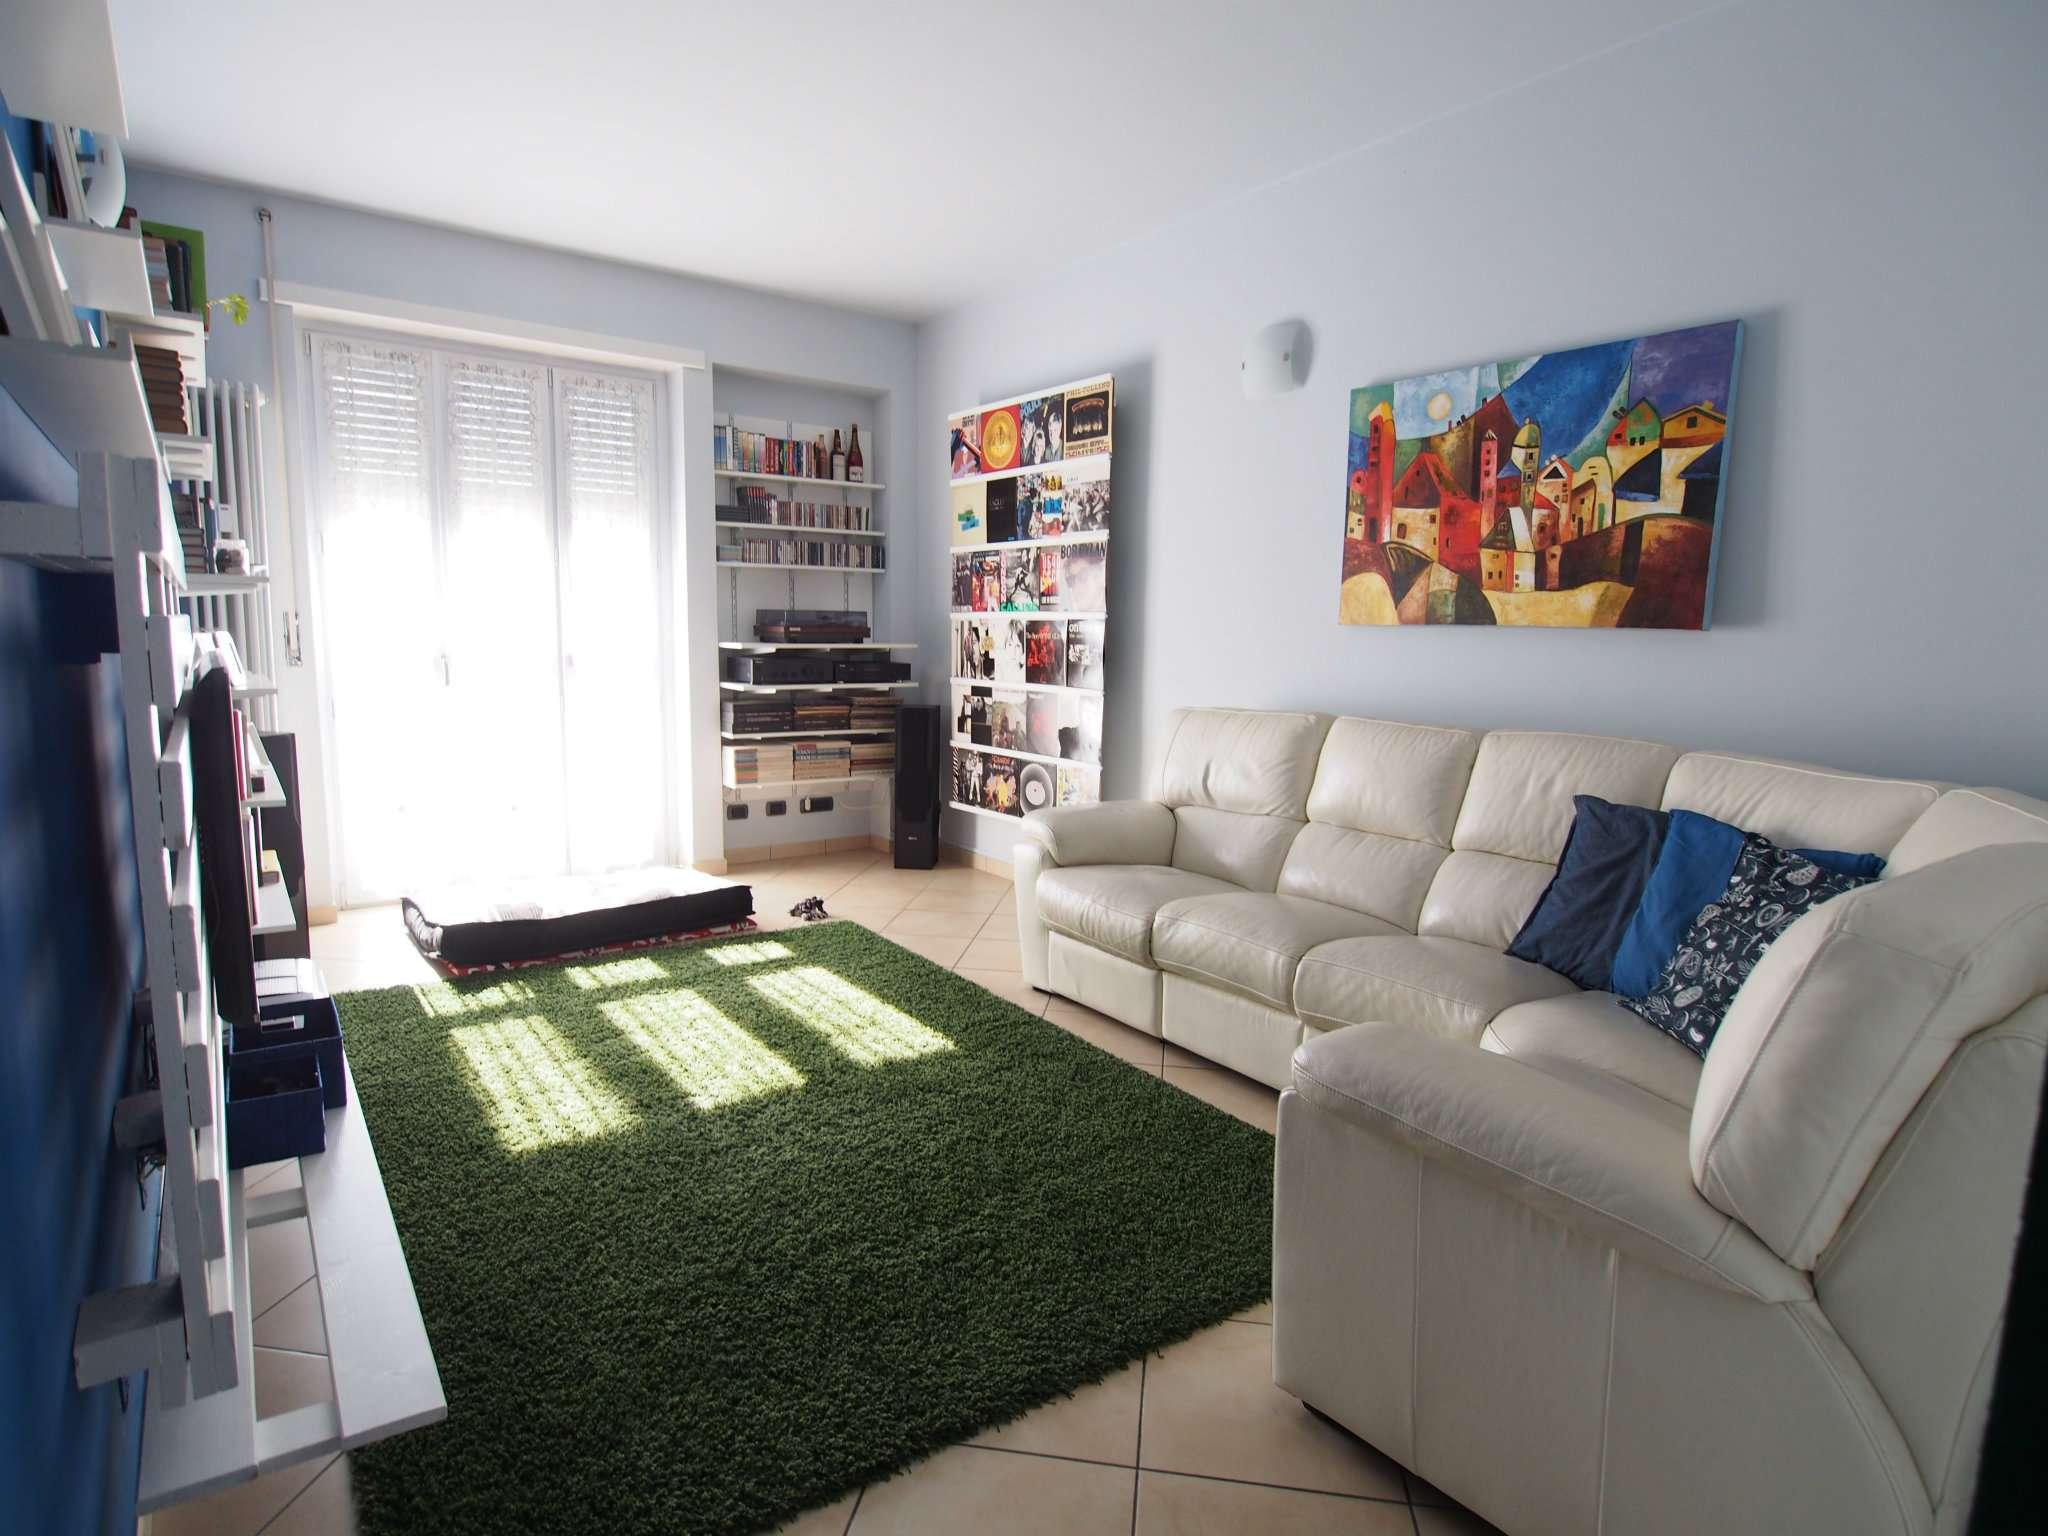 Foto 1 di Appartamento via Castelgomberto  153, Torino (zona Mirafiori)